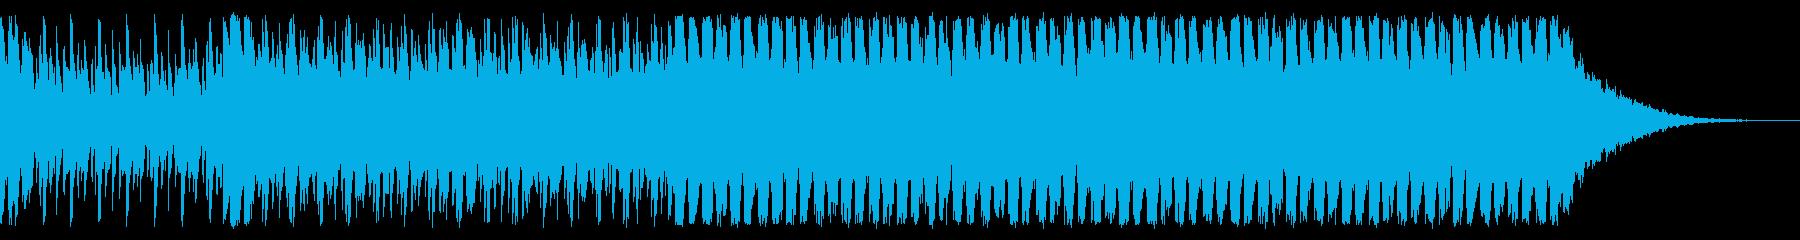 エネルギーたっぷりの新鮮な響きのハ...の再生済みの波形